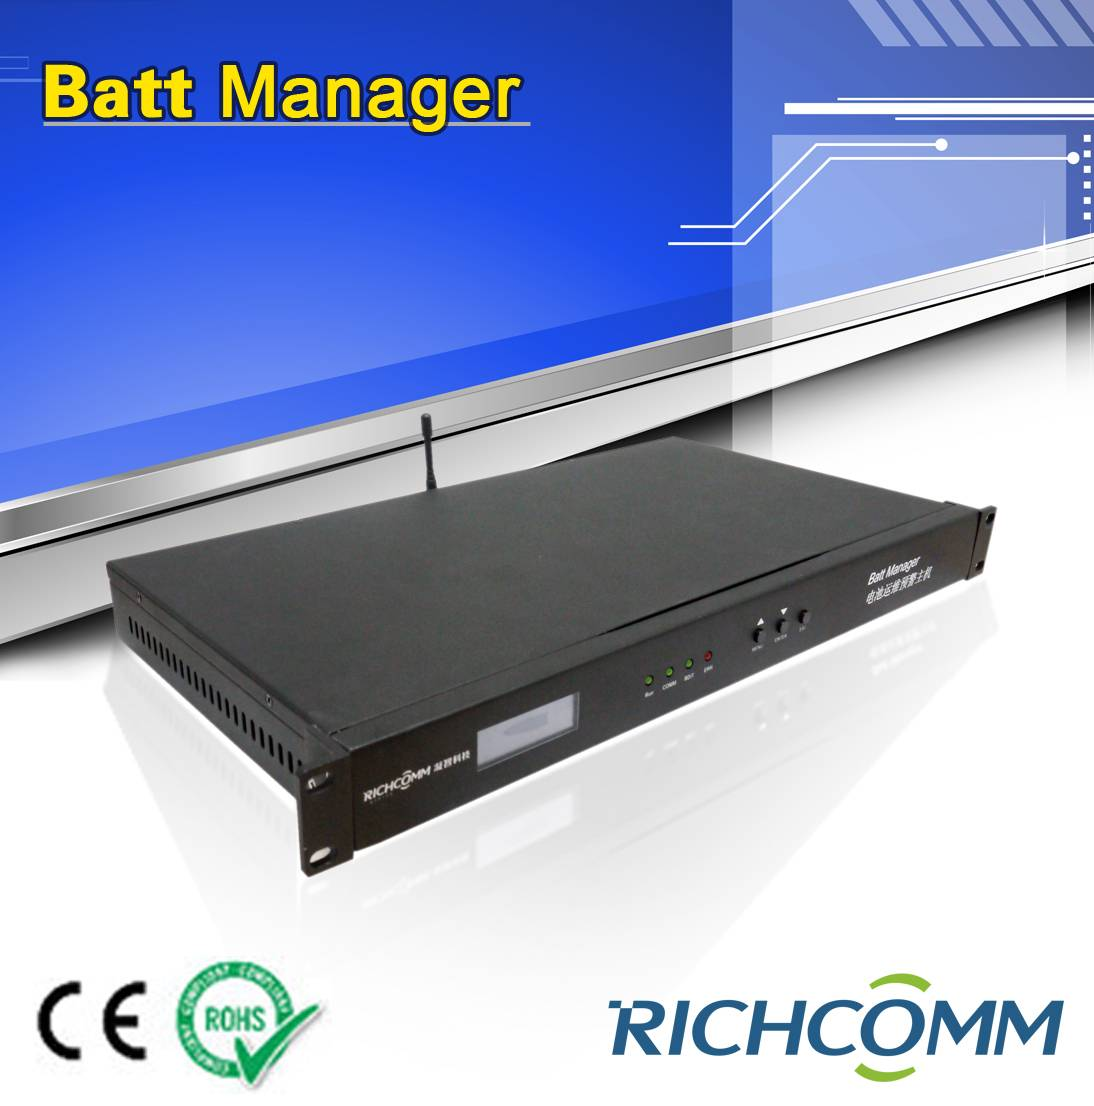 Batt Manager: UPS battery monitoring